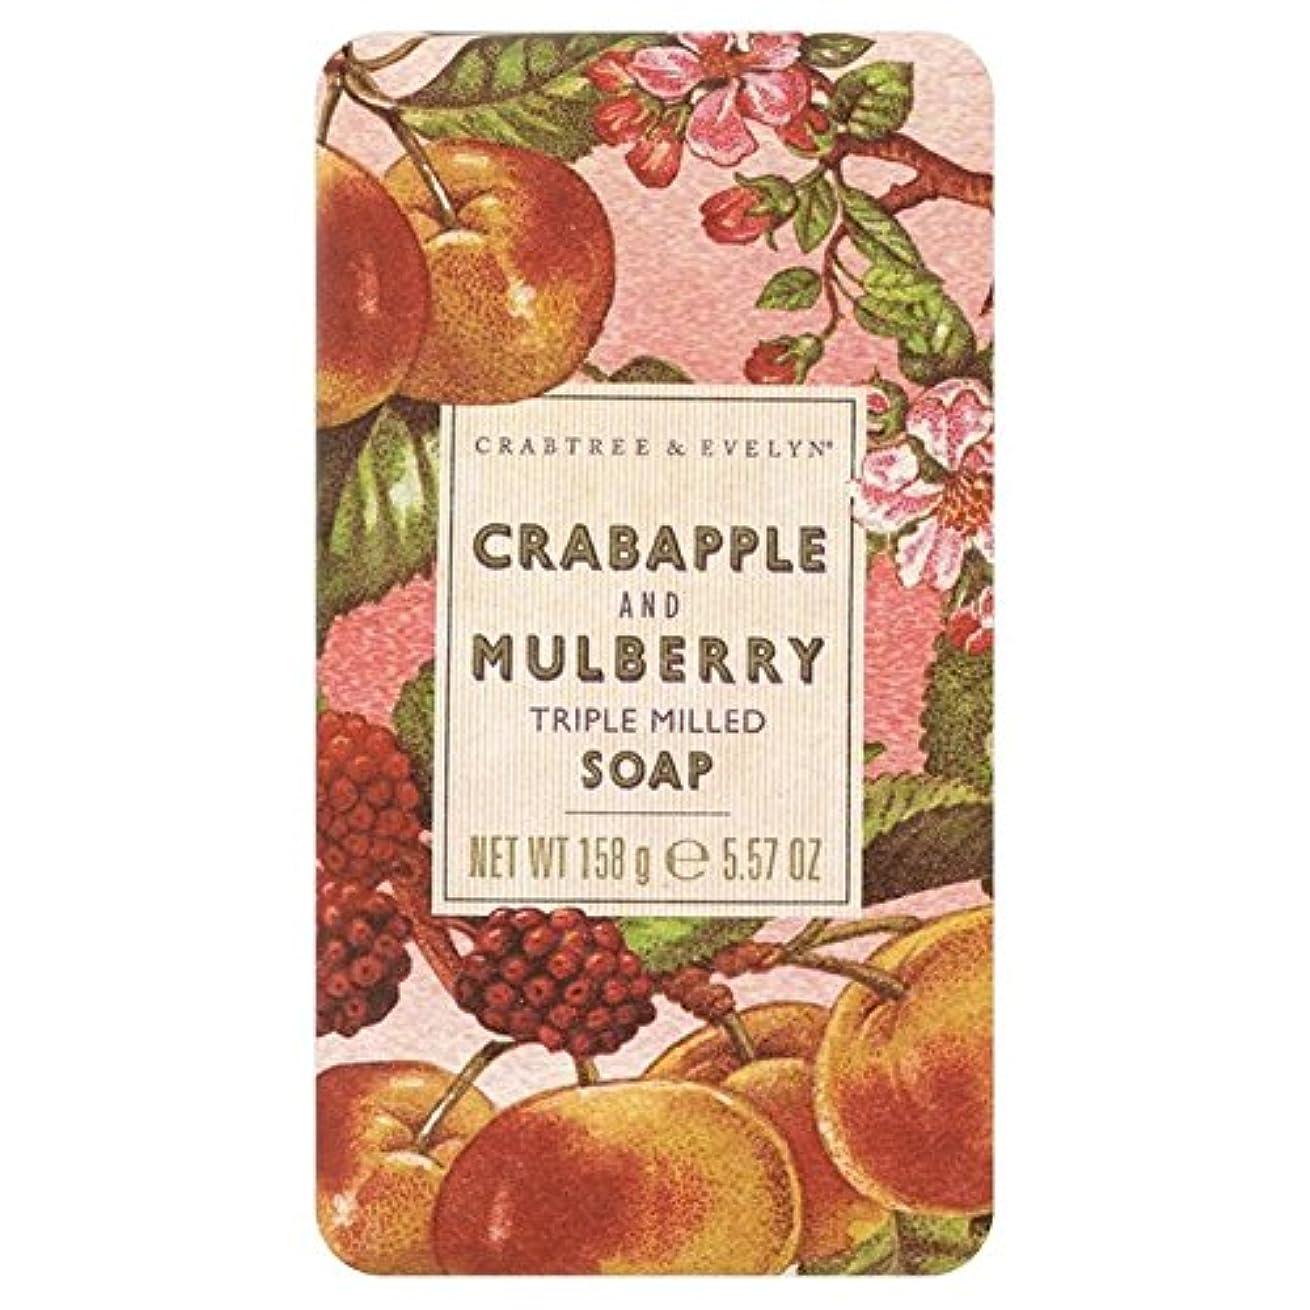 無法者魚マイナスクラブツリー&イヴリンと桑遺産石鹸150グラム x4 - Crabtree & Evelyn Crabapple and Mulberry Heritage Soap 150g (Pack of 4) [並行輸入品]